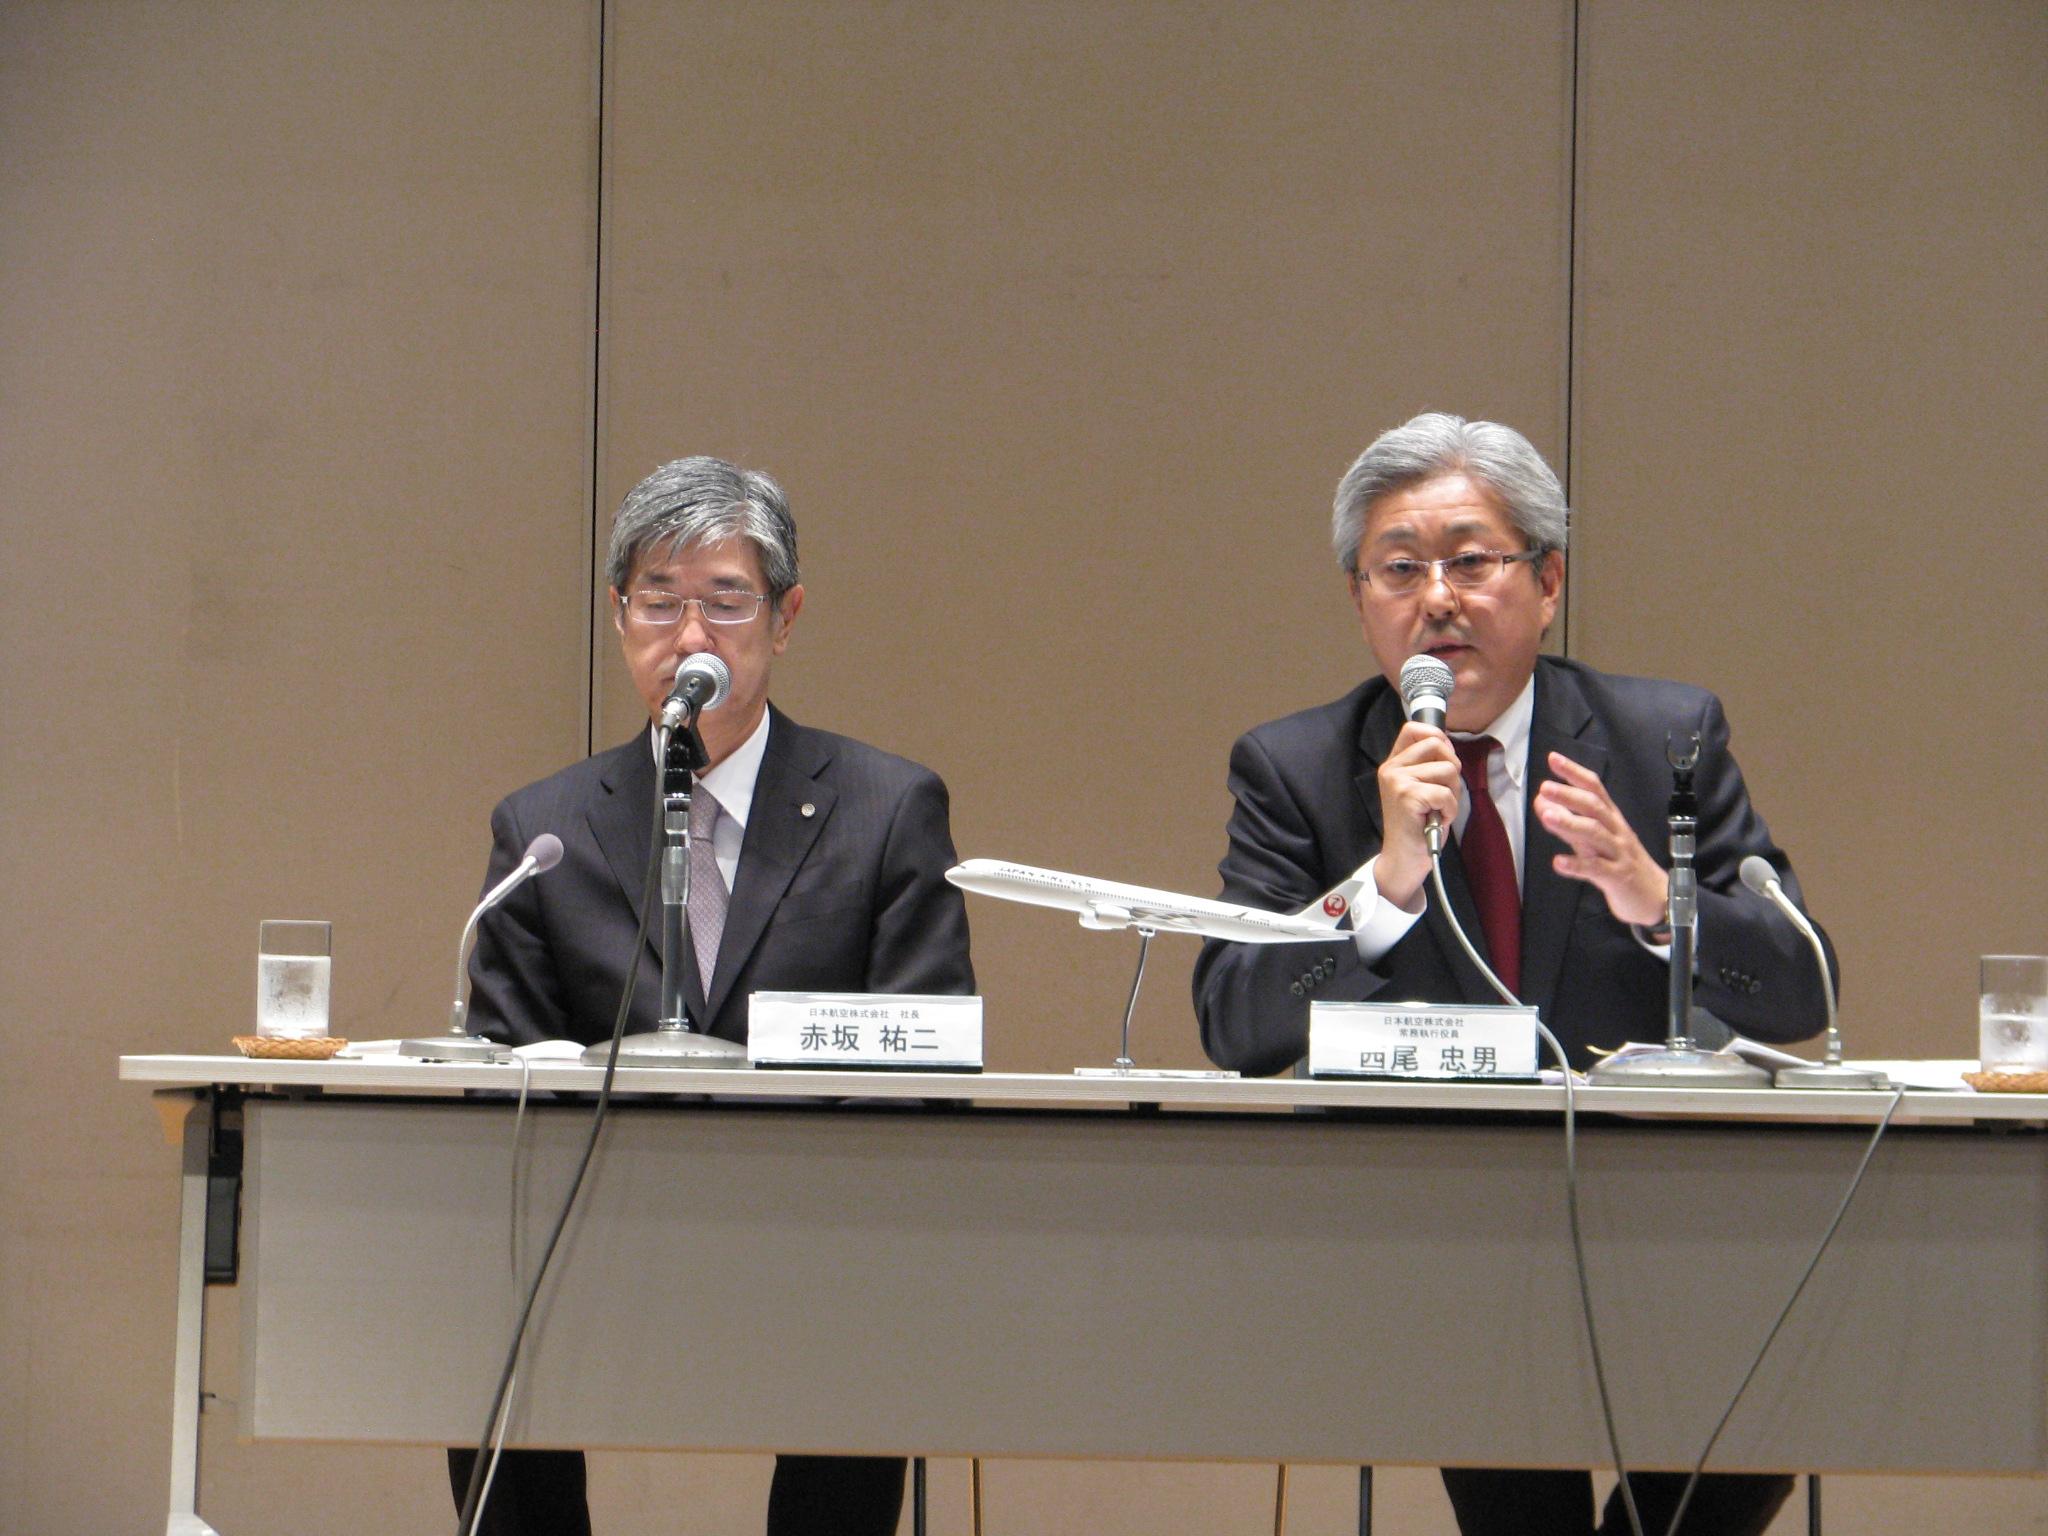 JALが国際線LCCに参入、新会社設立で赤坂社長「3年で黒字化」に意欲、デジタル活用で個人対応するサービスへ